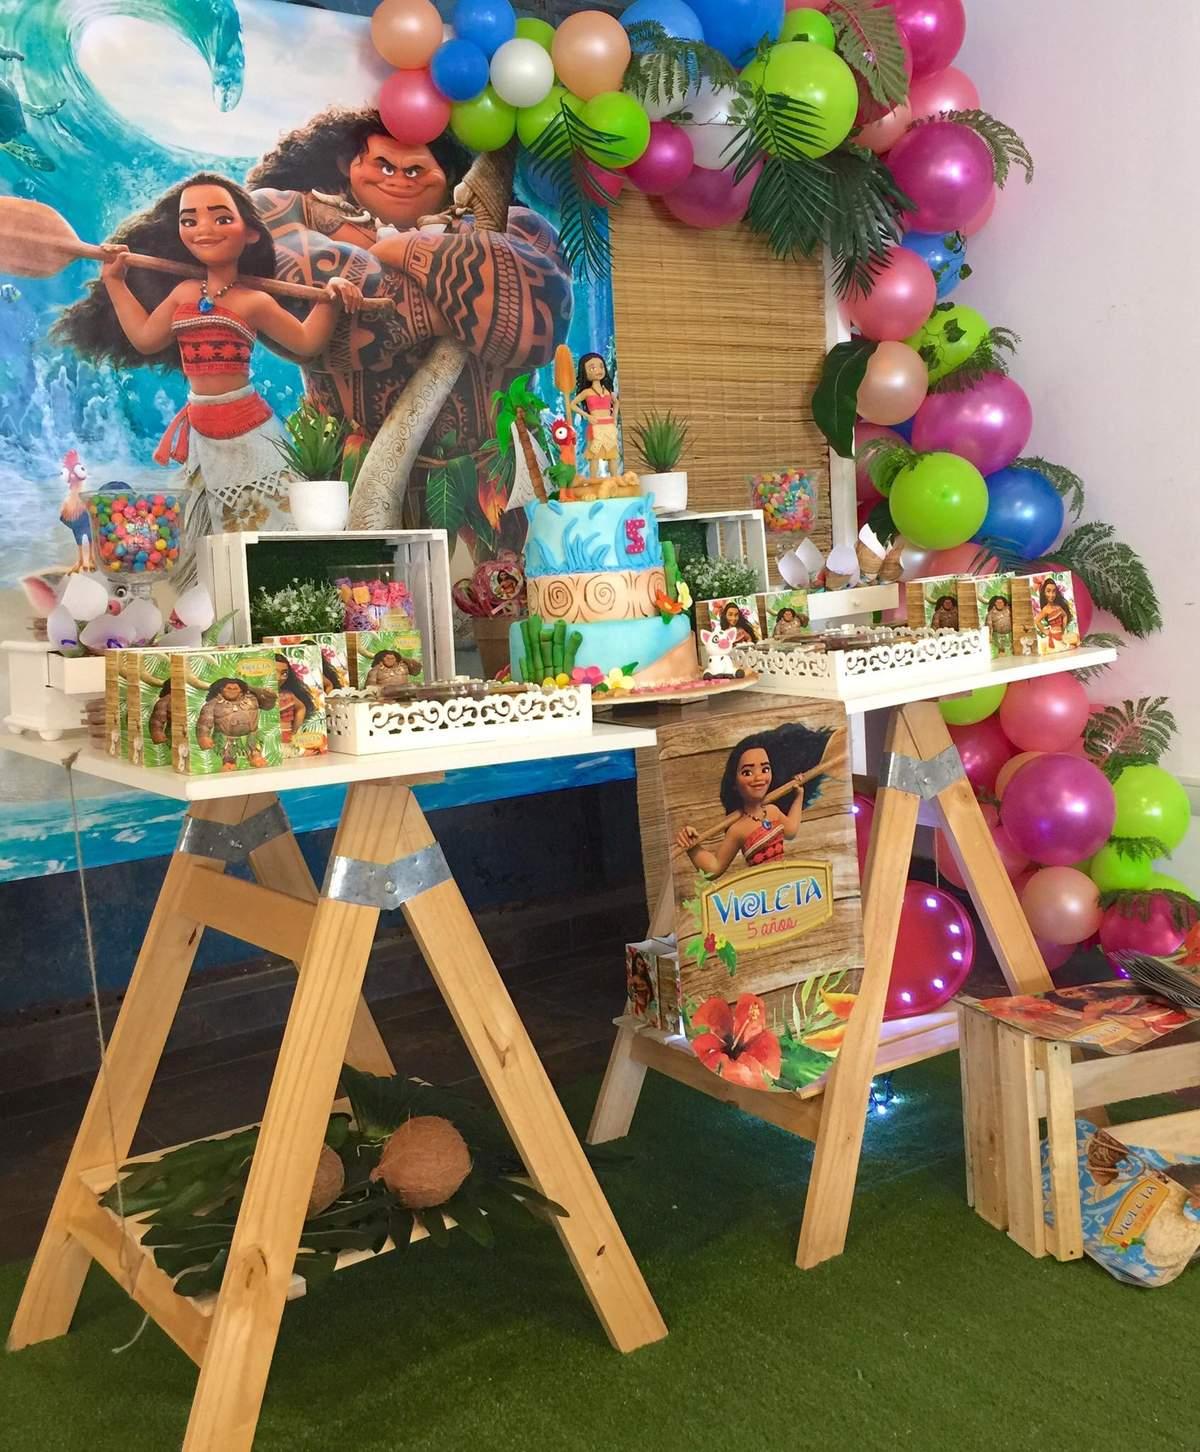 Moana And Maui Birthday Party Ideas Photo 1 Of 18